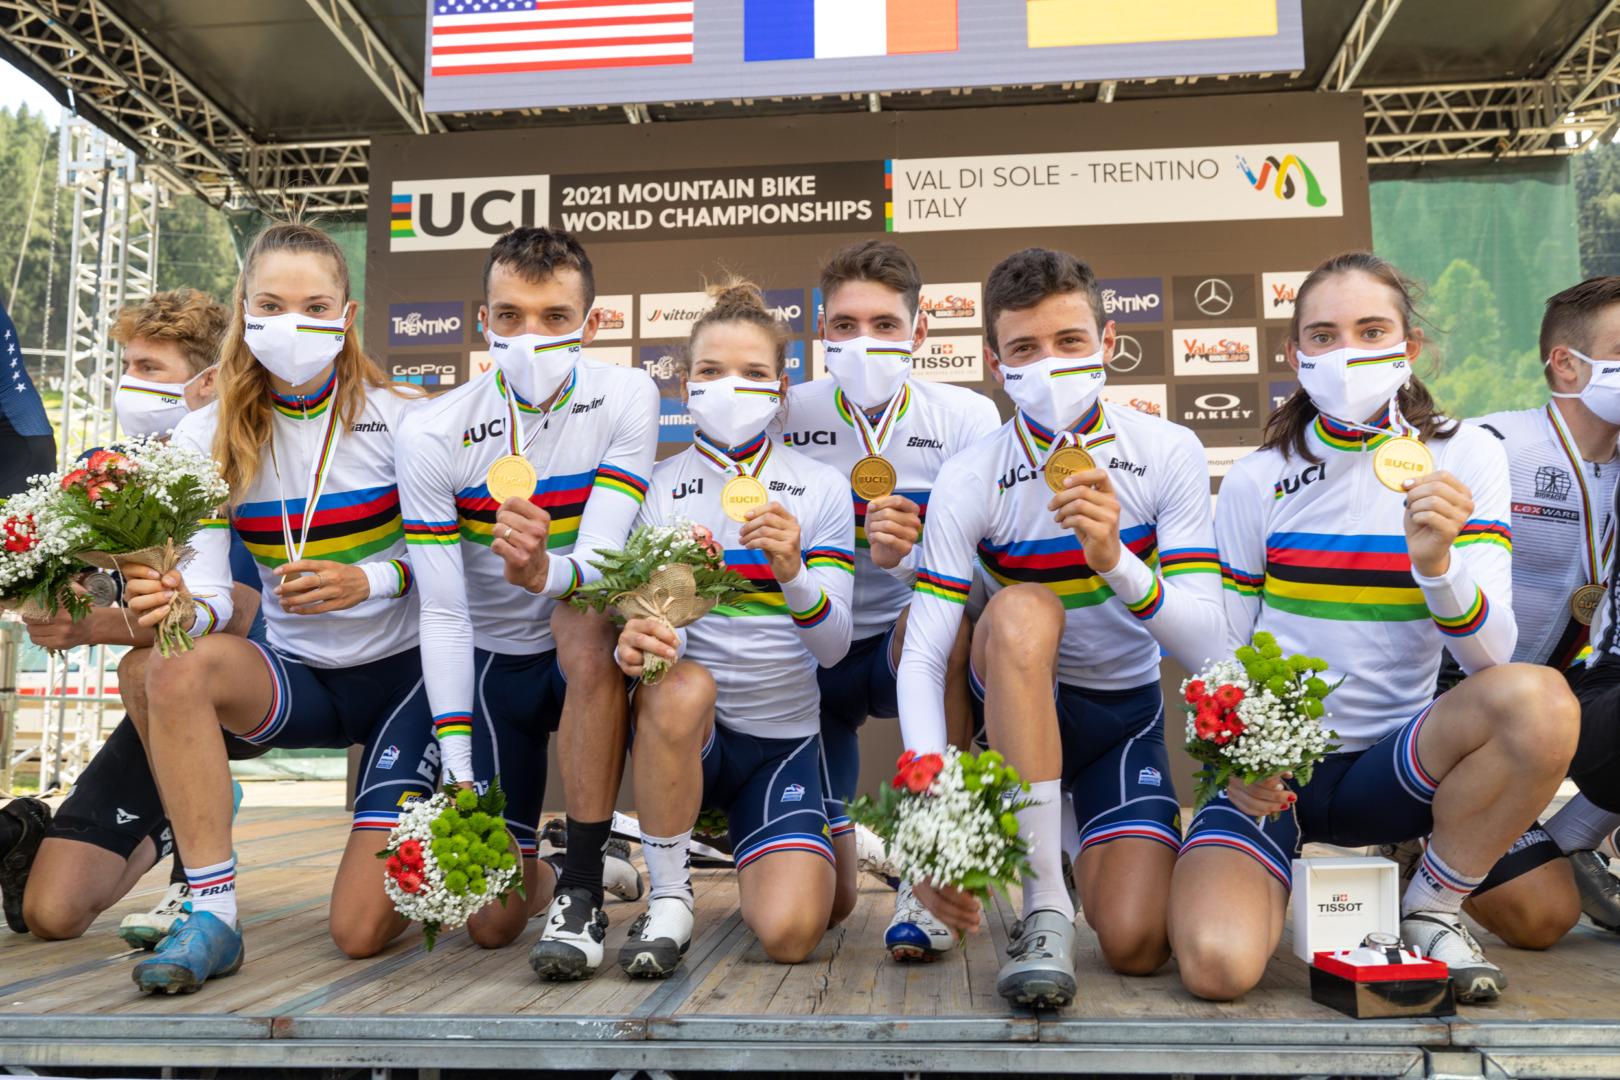 Francja po raz siódmy najlepszą drużyną na świecie! Polacy na 12. miejscu | MŚ MTB 2021, Val di Sole